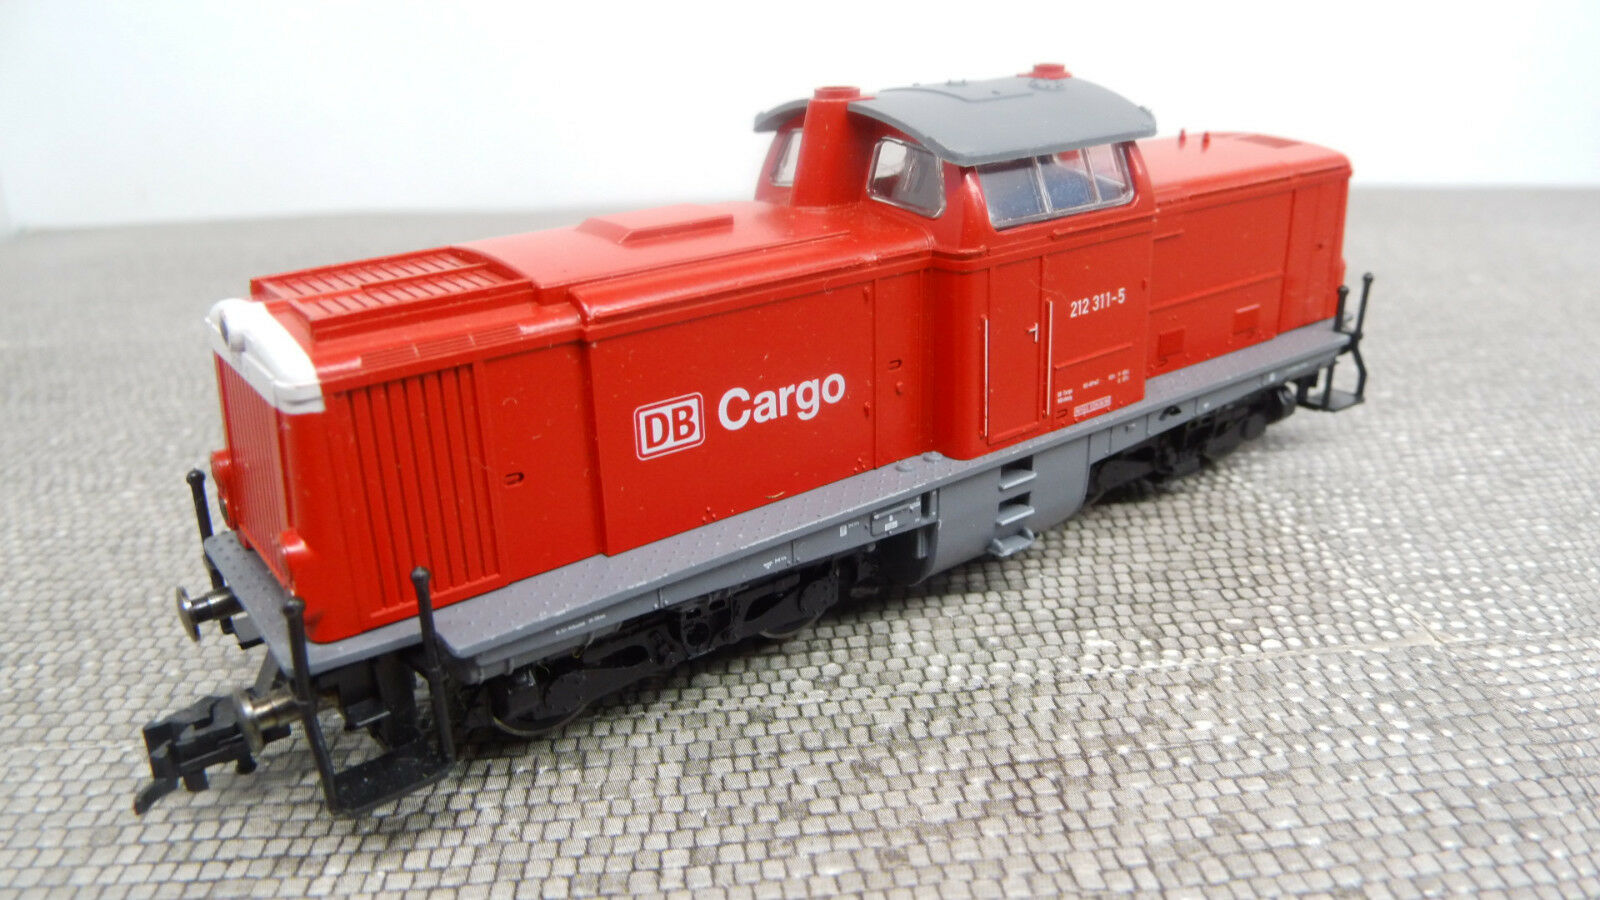 ventas al por mayor Fleischmann diesel locomotora br 212 DB Cochego fl389 buen buen buen estado  nuevo sádico